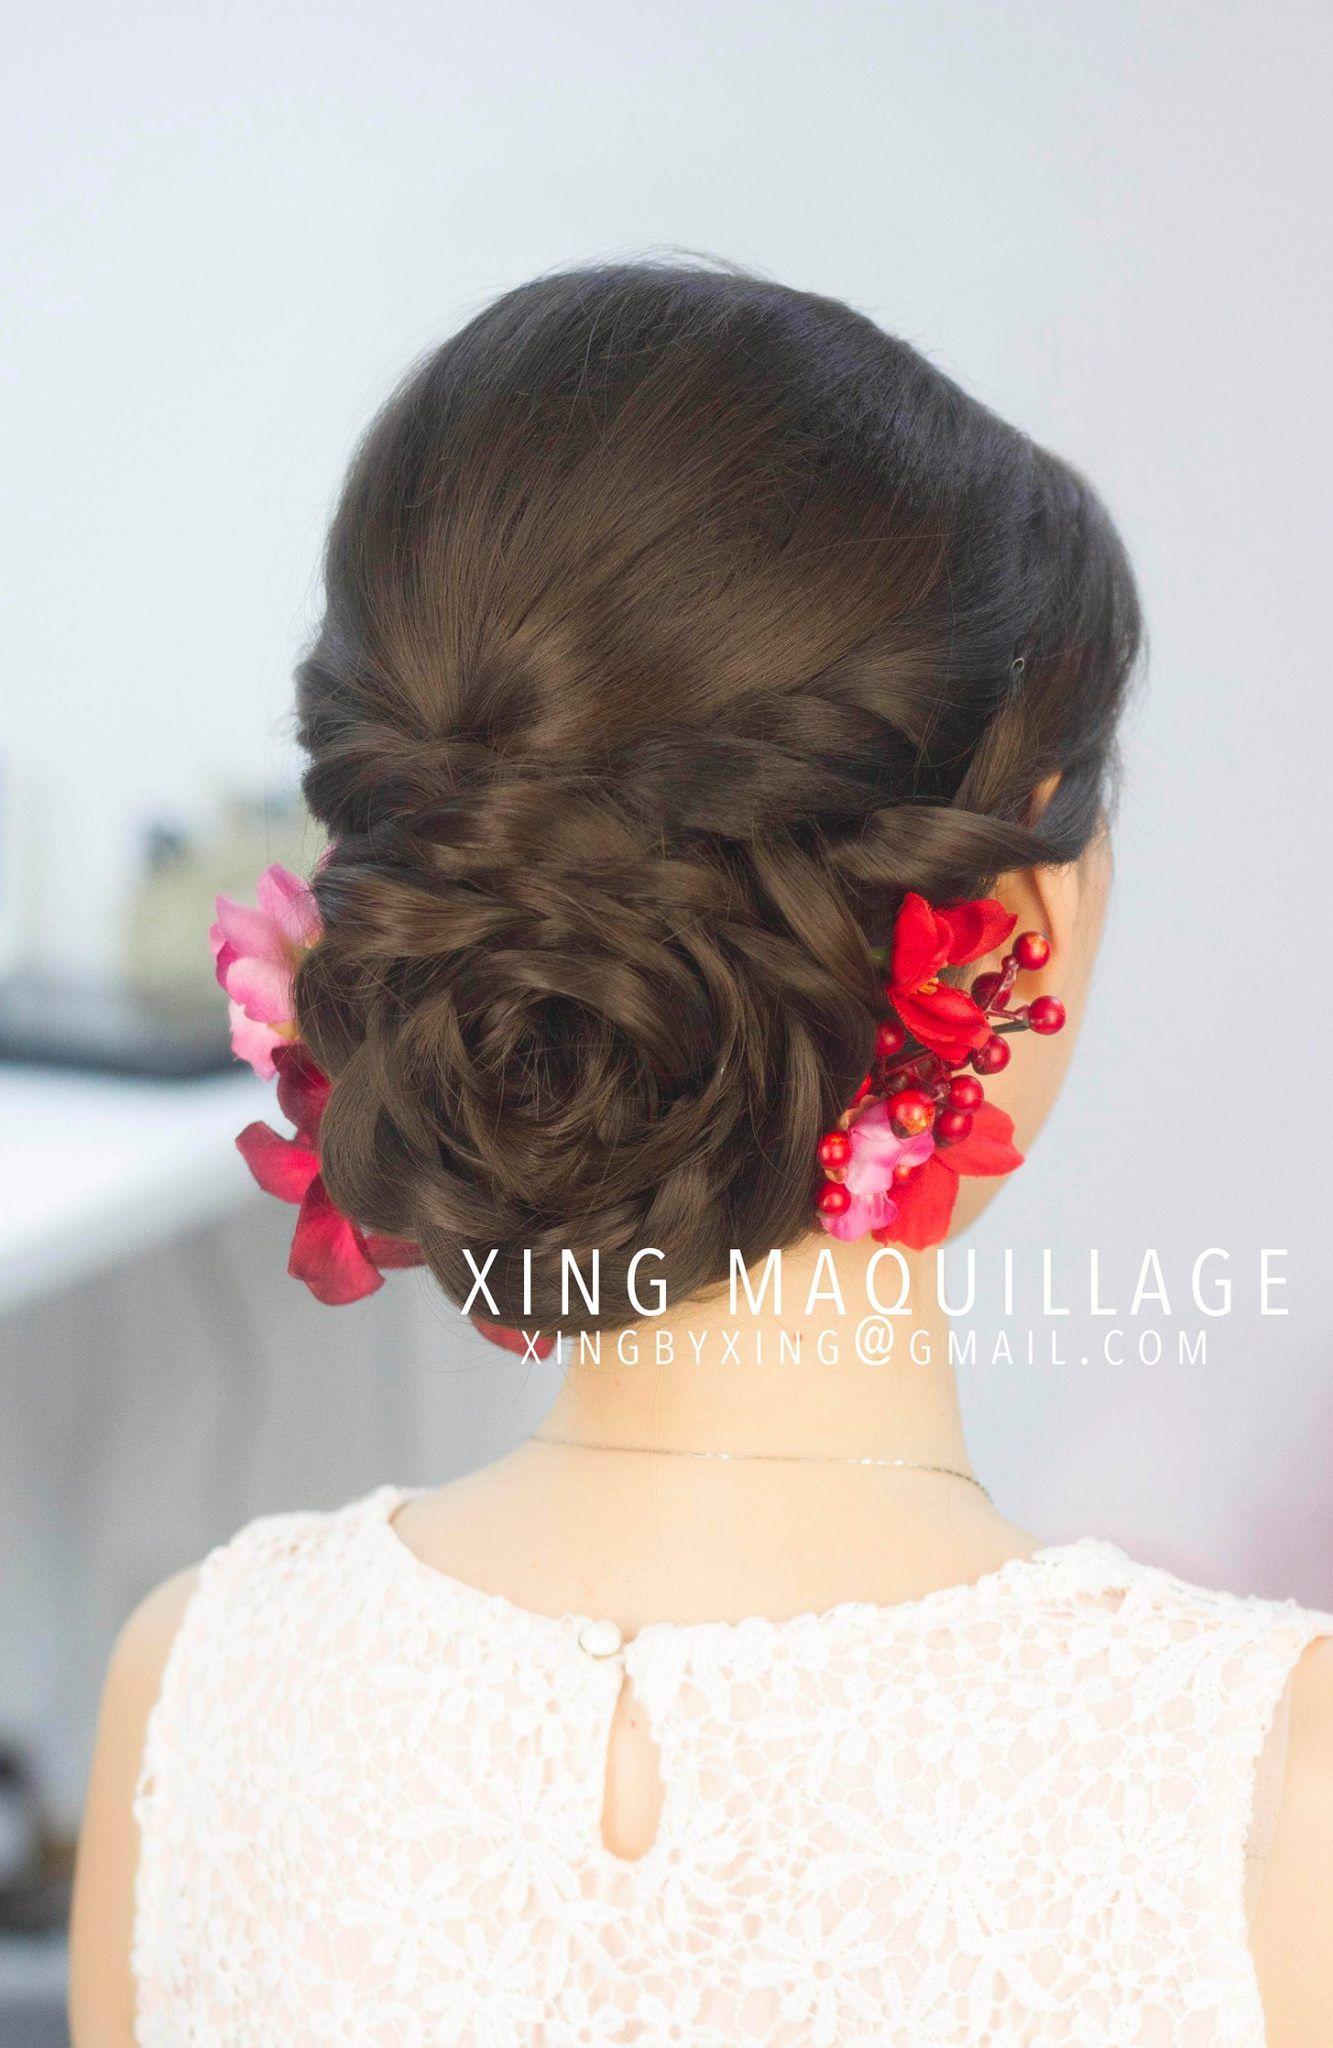 Braids Up Do Bun Asian Wedding Hair Chinese Asian Wedding Hair Wedding Hairstyles For Long Hair Asian Bridal Hair